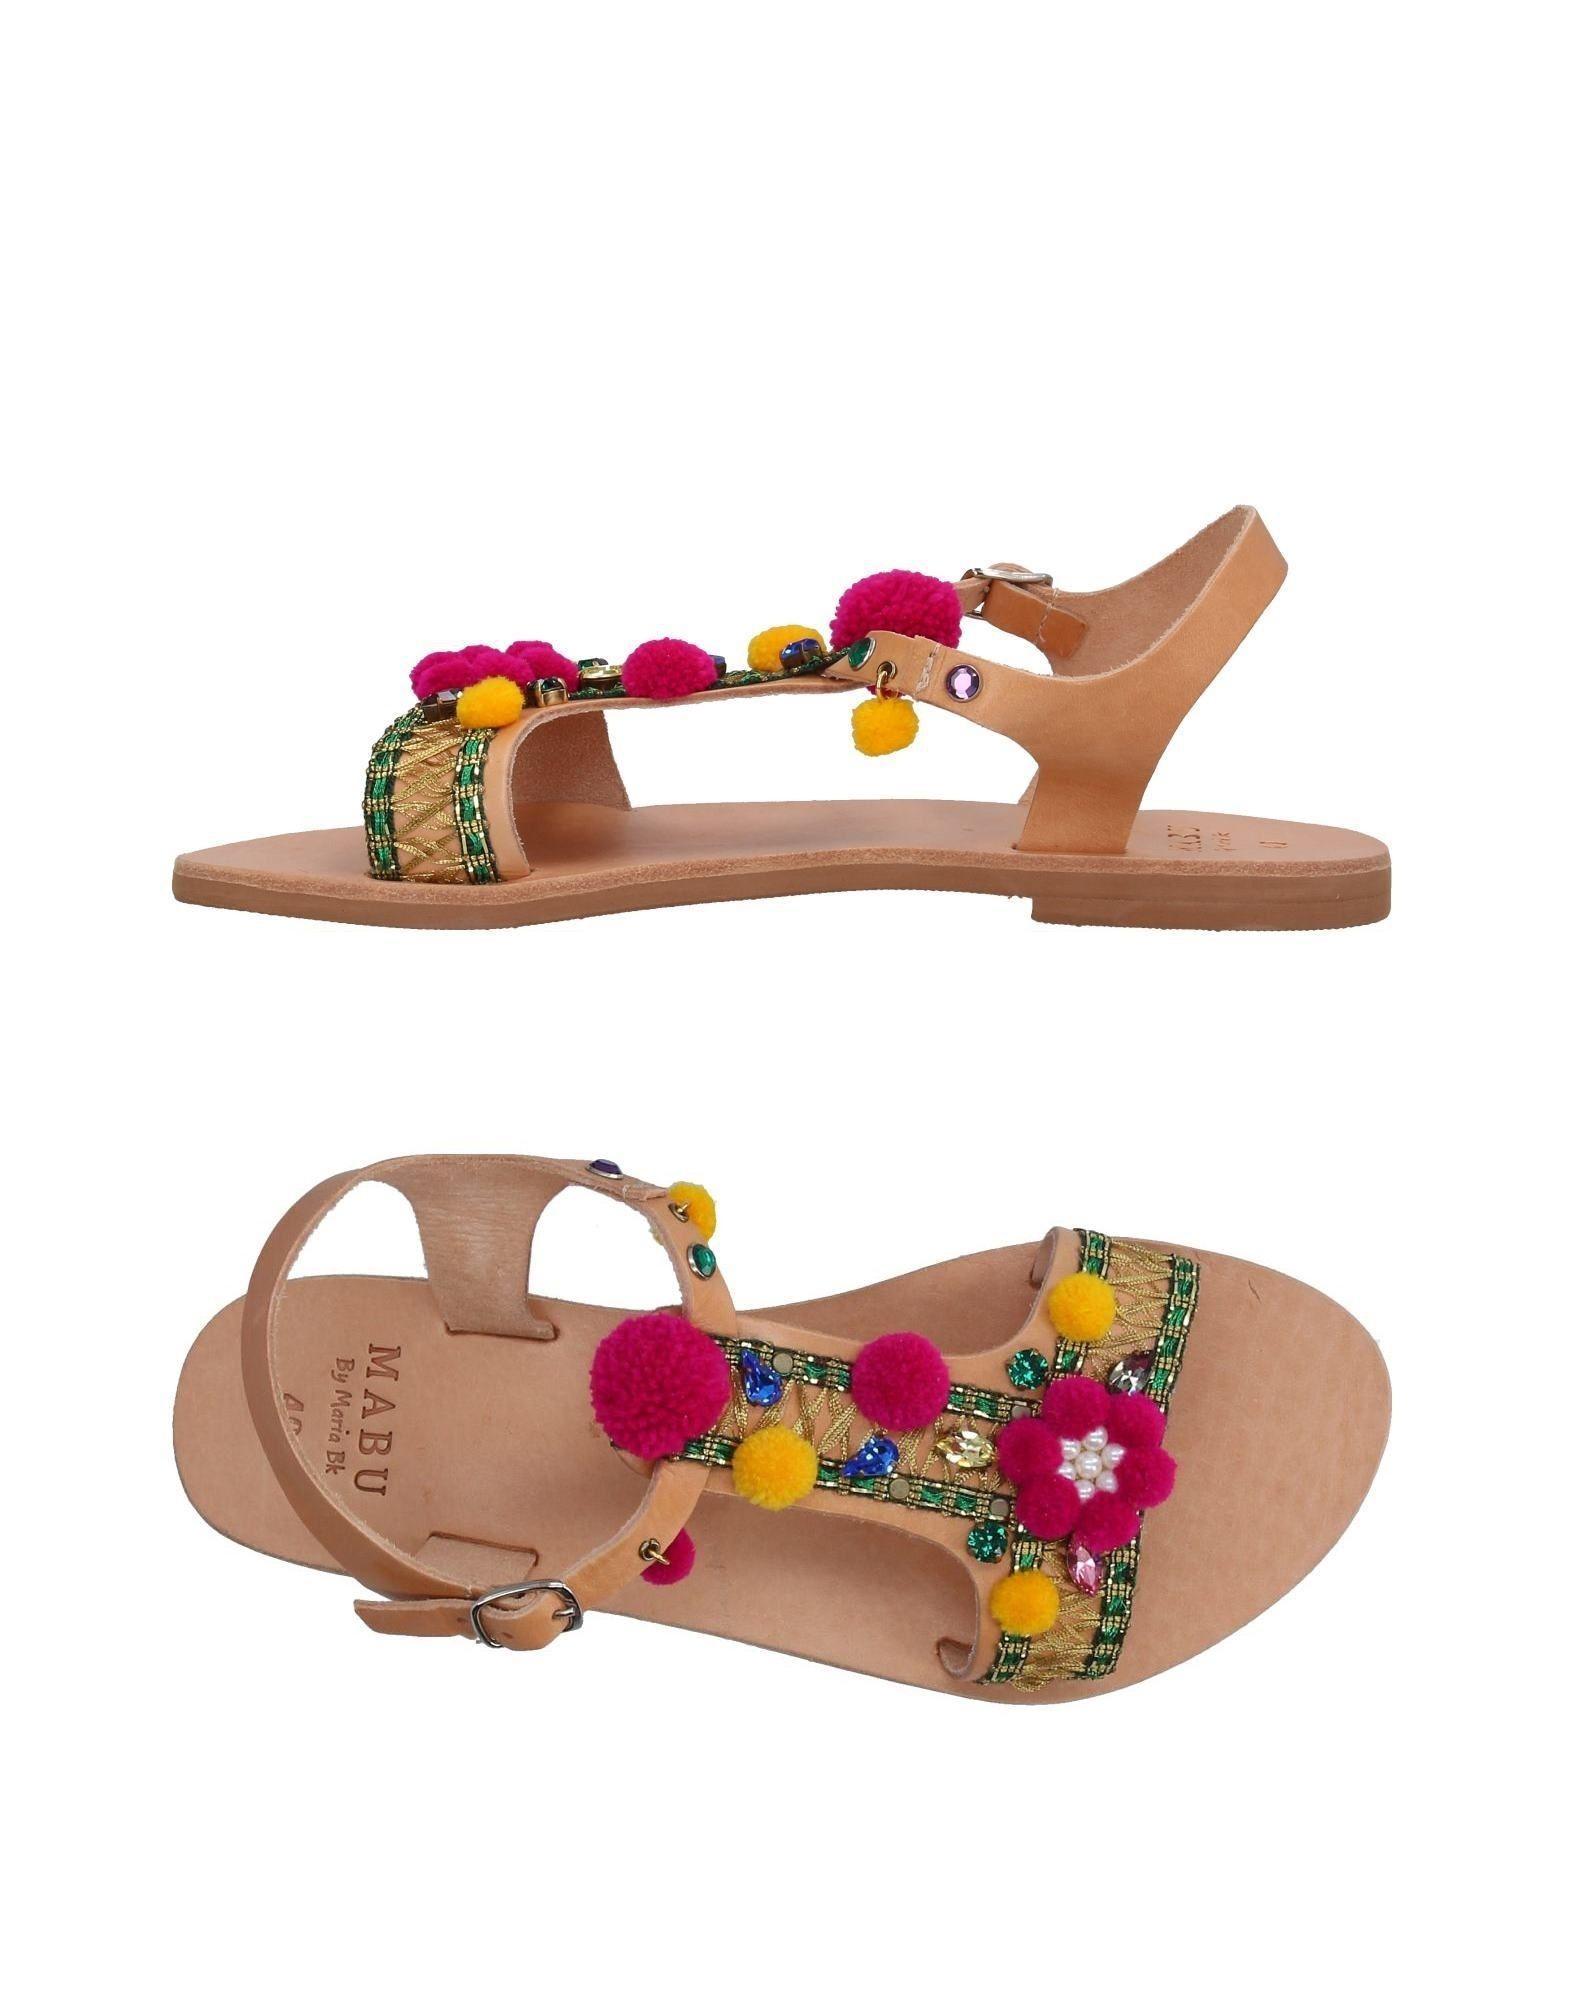 Mabu By Maria Bk Sandals In Tan